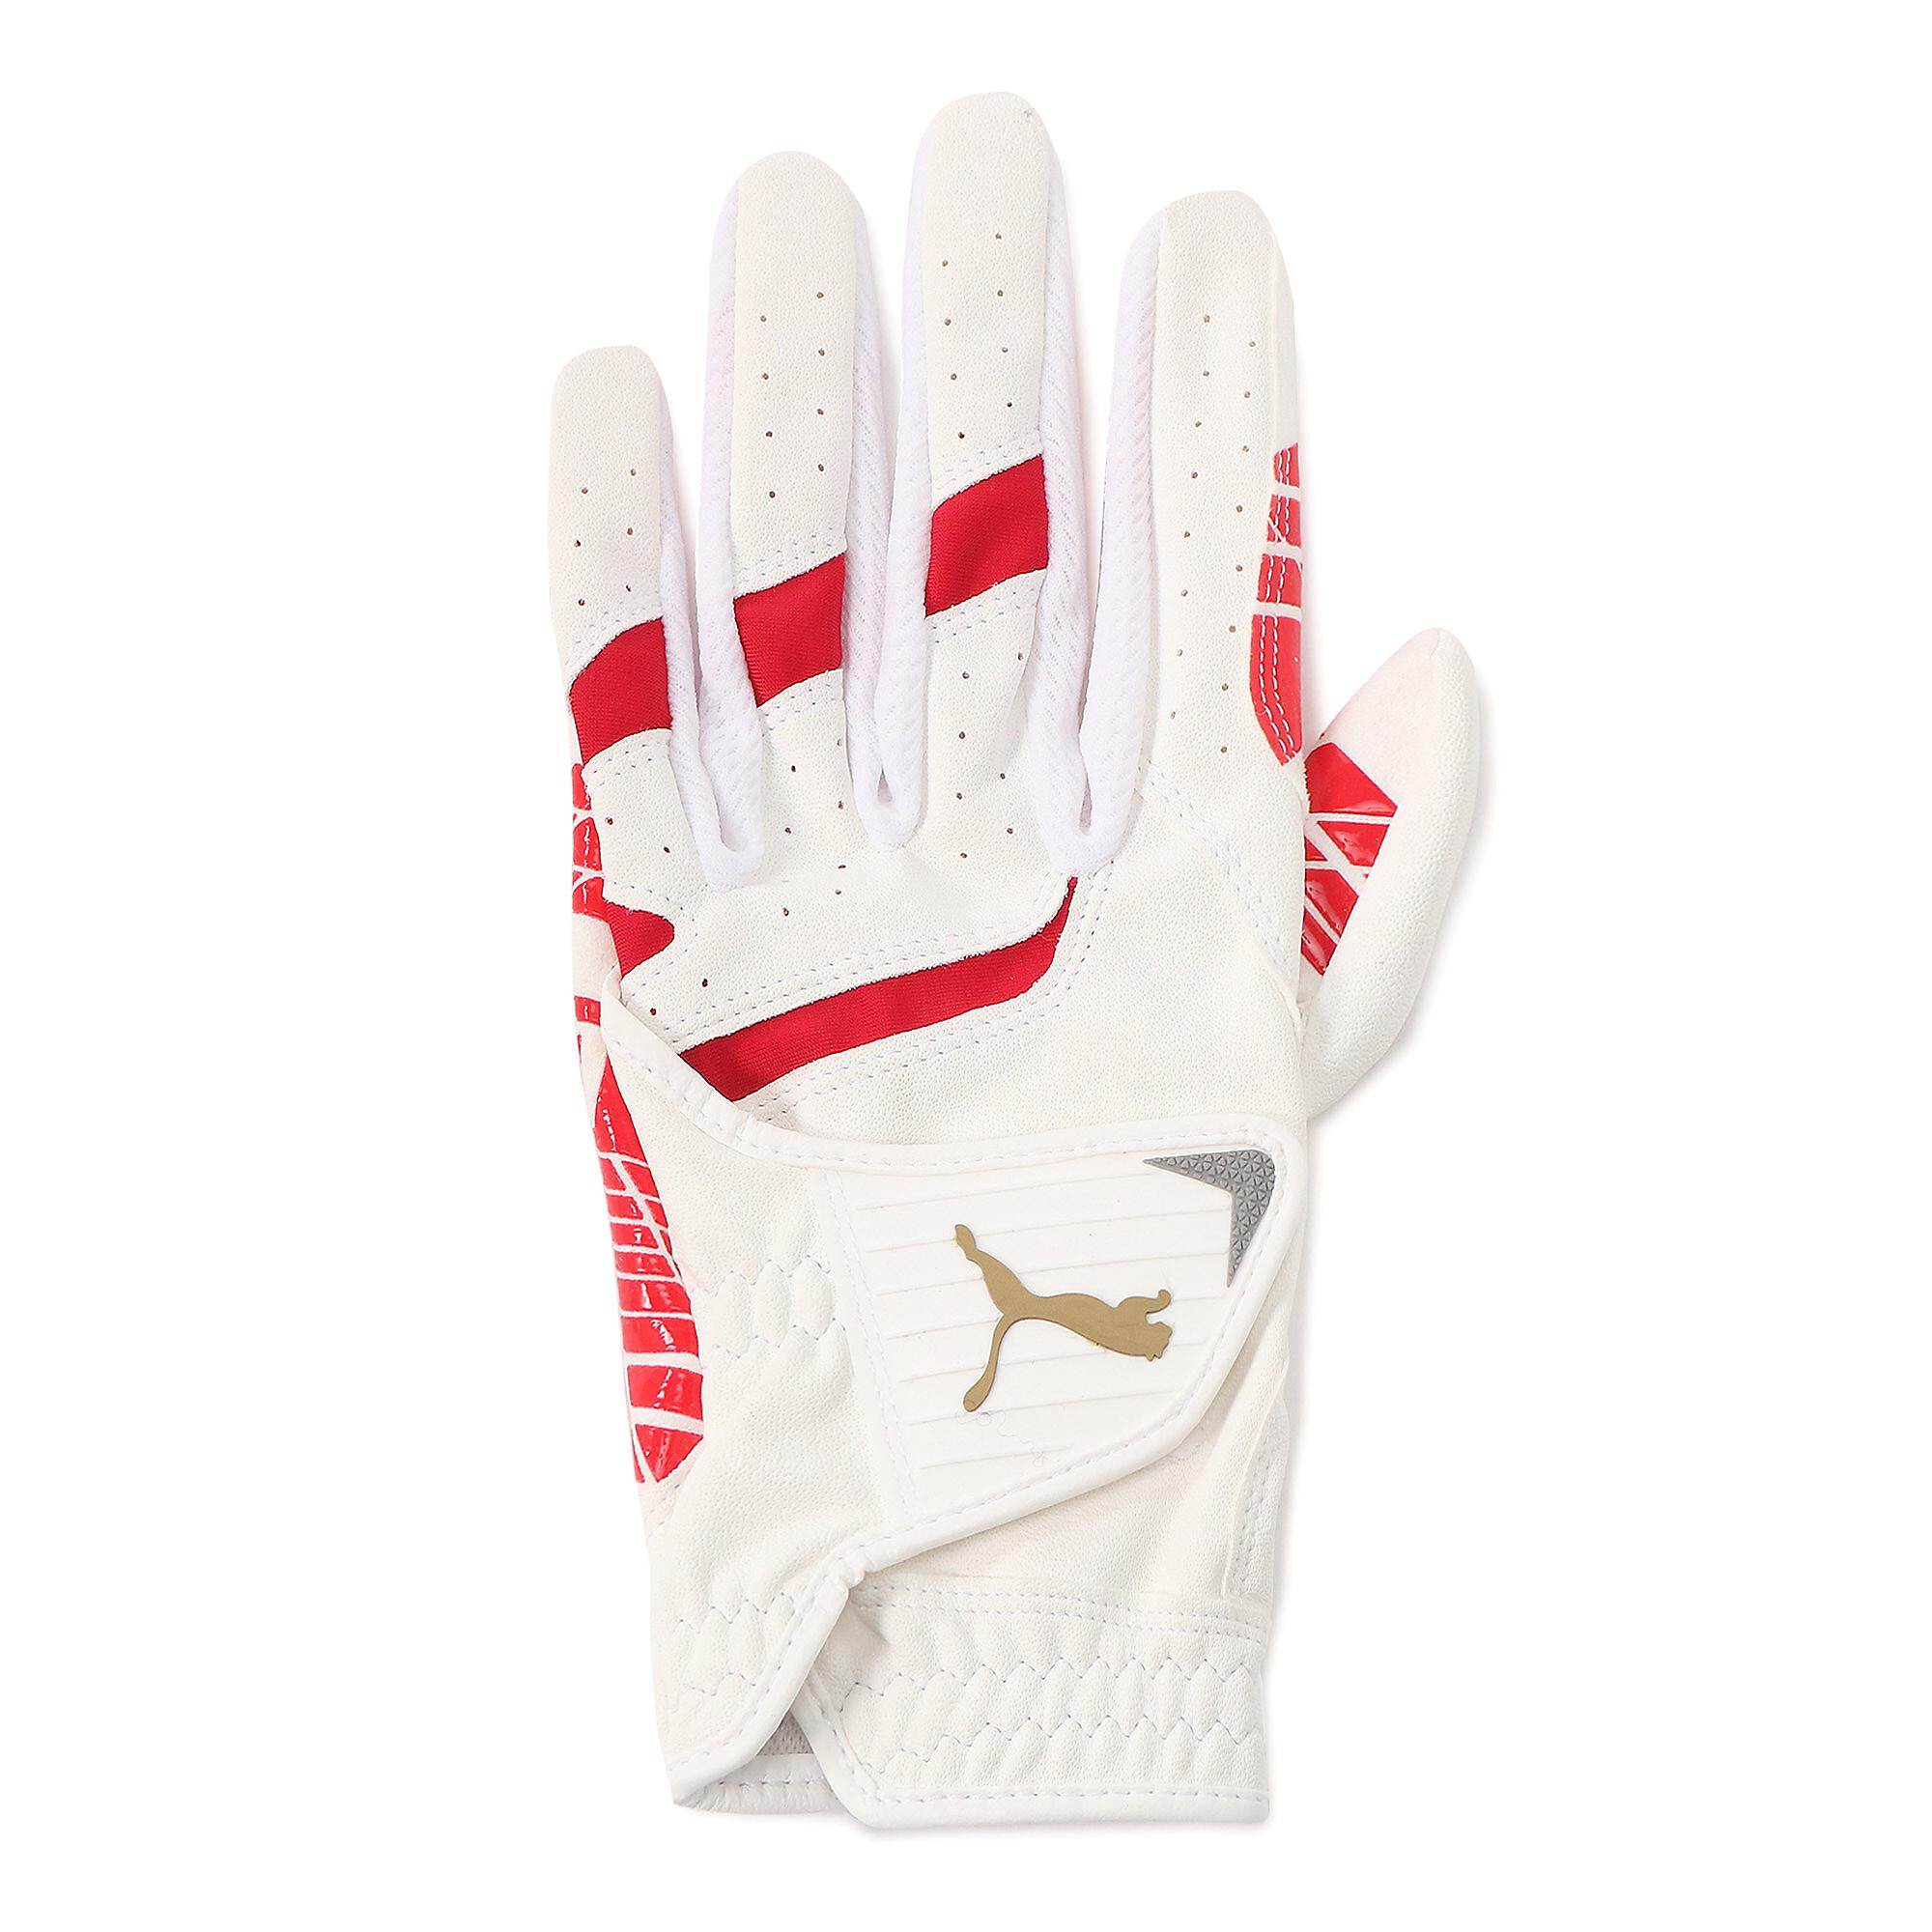 【プーマ公式通販】 プーマ ゴルフ パウンス グリップ グローブ 左手用 メンズ BRIGHT WHITE-PUMA RED |PUMA.com